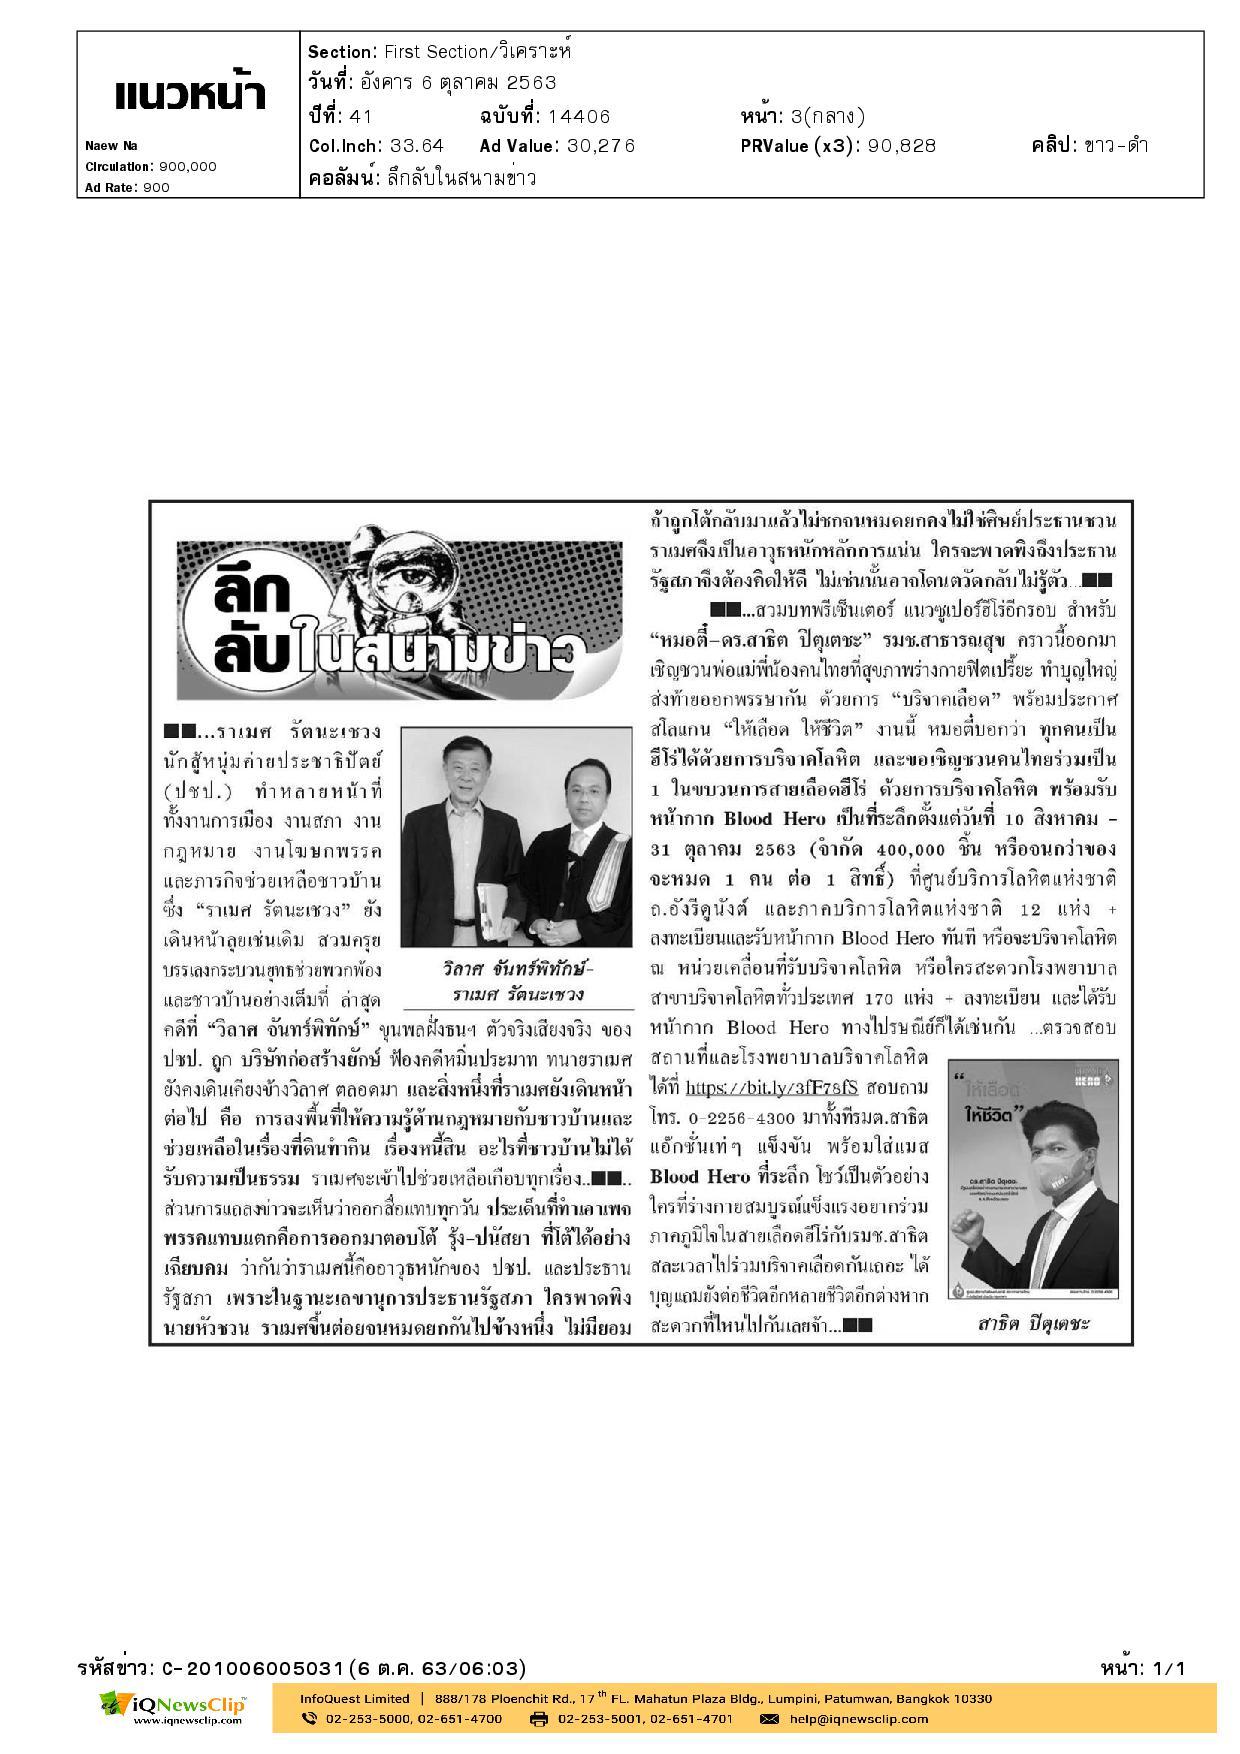 เชิญชวนคนไทยร่วมเป็น 1 ในขบวนการสายเลือดฮีโร่ ด้วยการบริจาคโลหิต